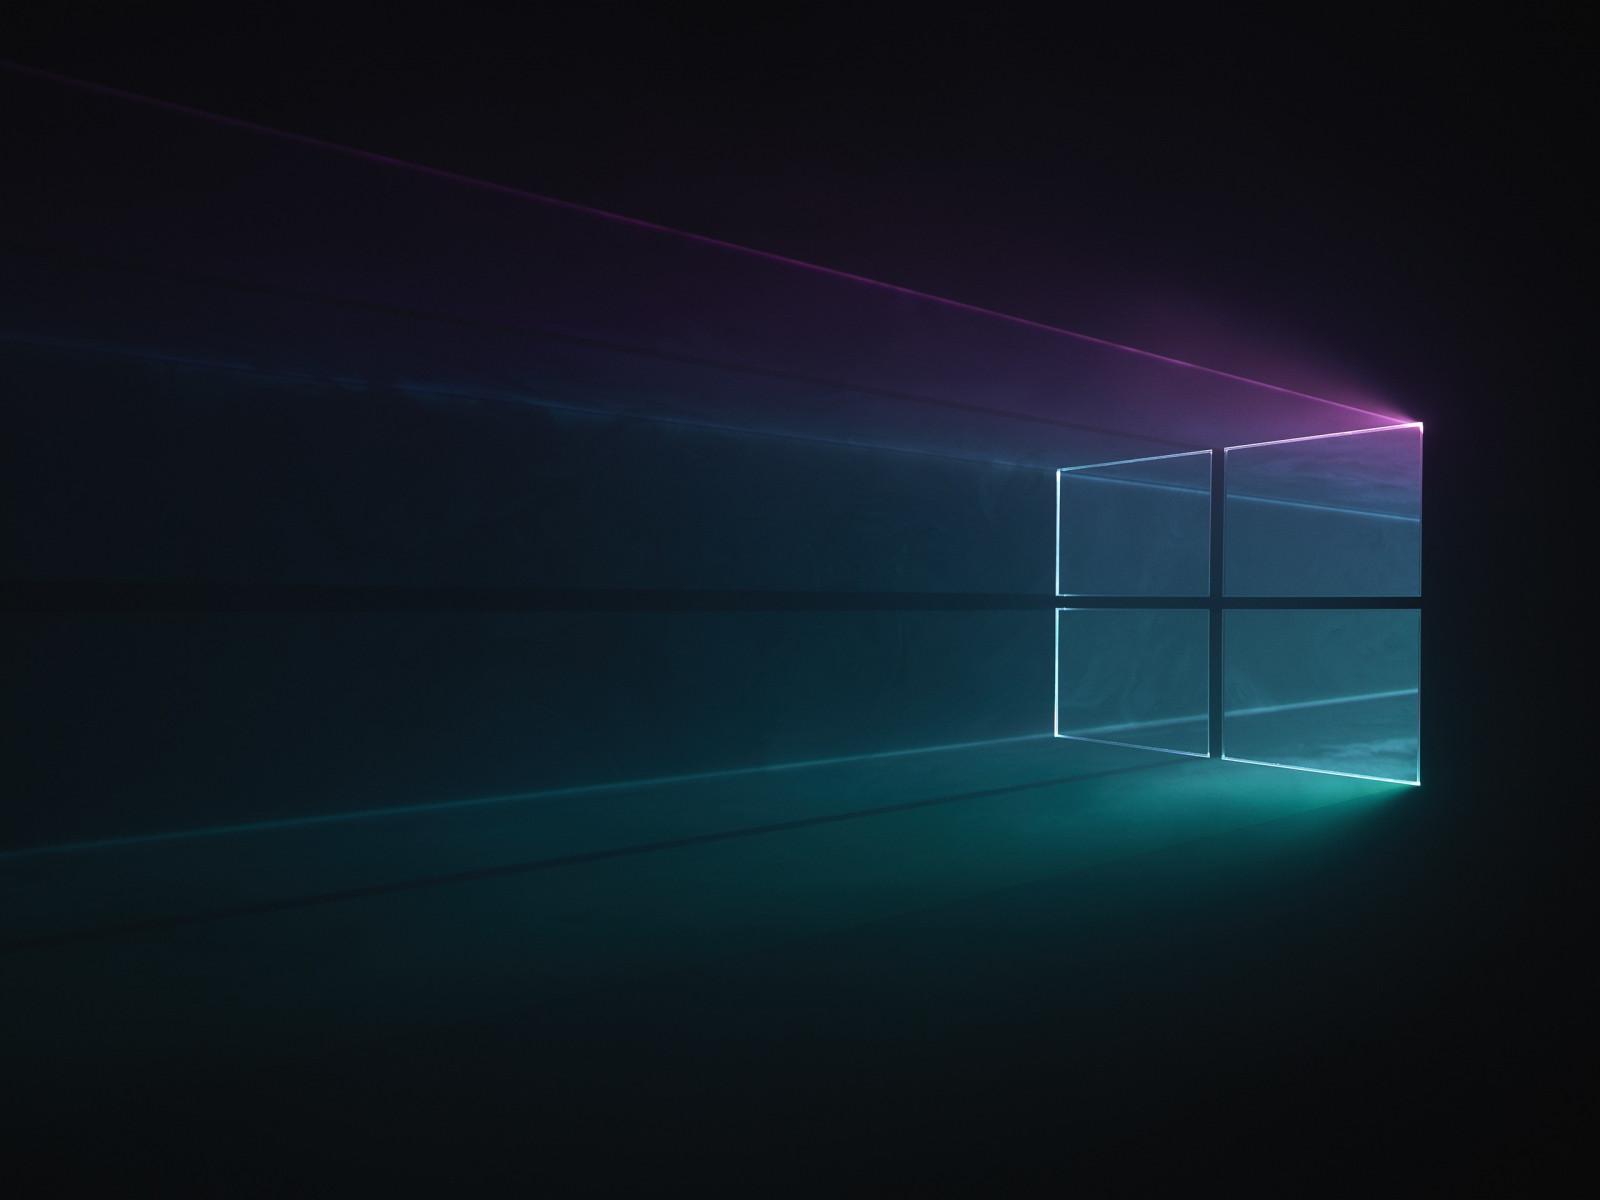 windows10 スクリーンセーバー ダウンロード 無料